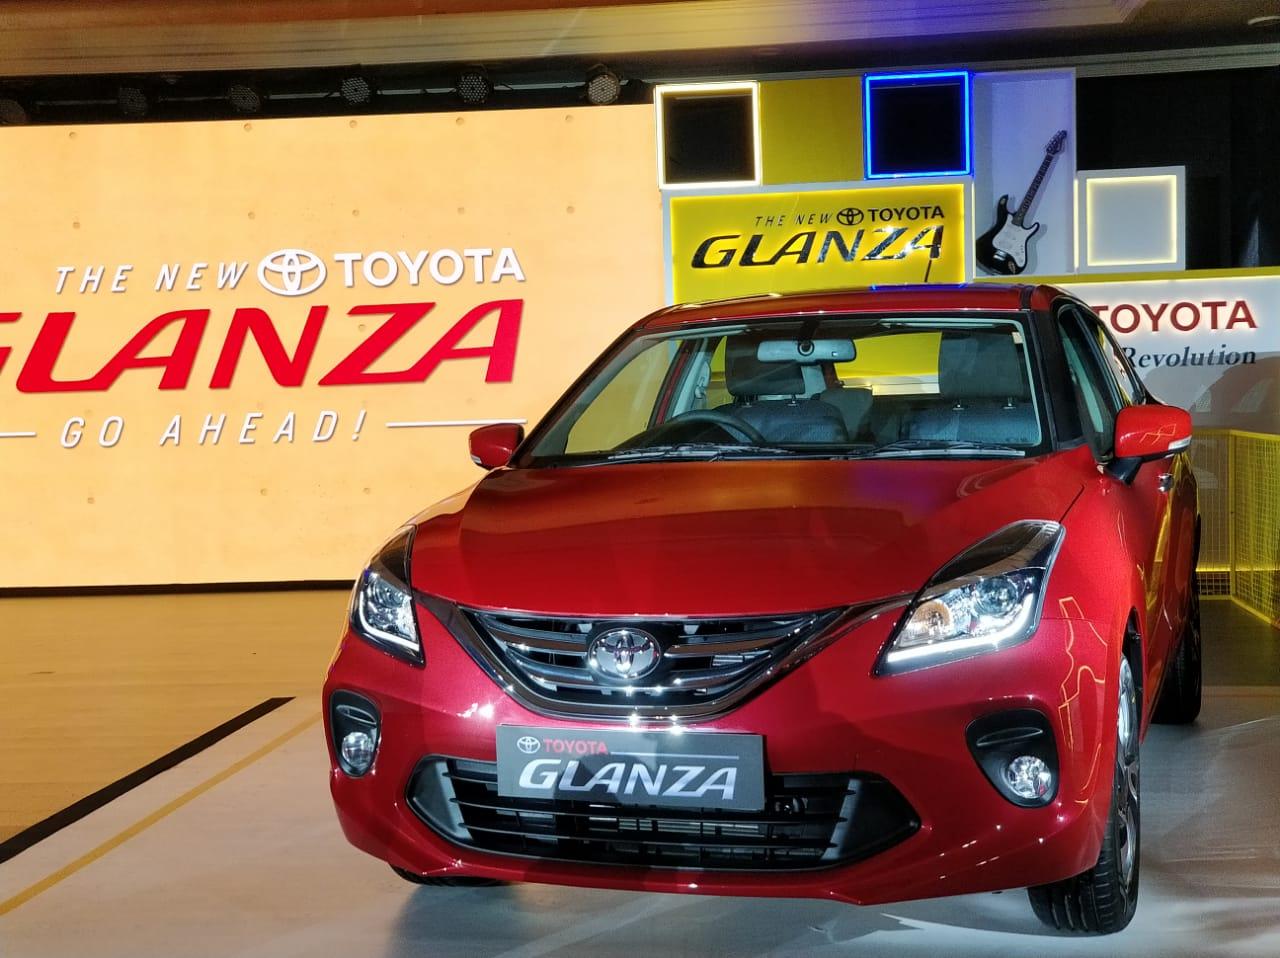 Những công nghệ hiện đại bên trong mẫu xe Toyota Glanza giá rẻ chỉ 243 triệu đồng  - Ảnh 1